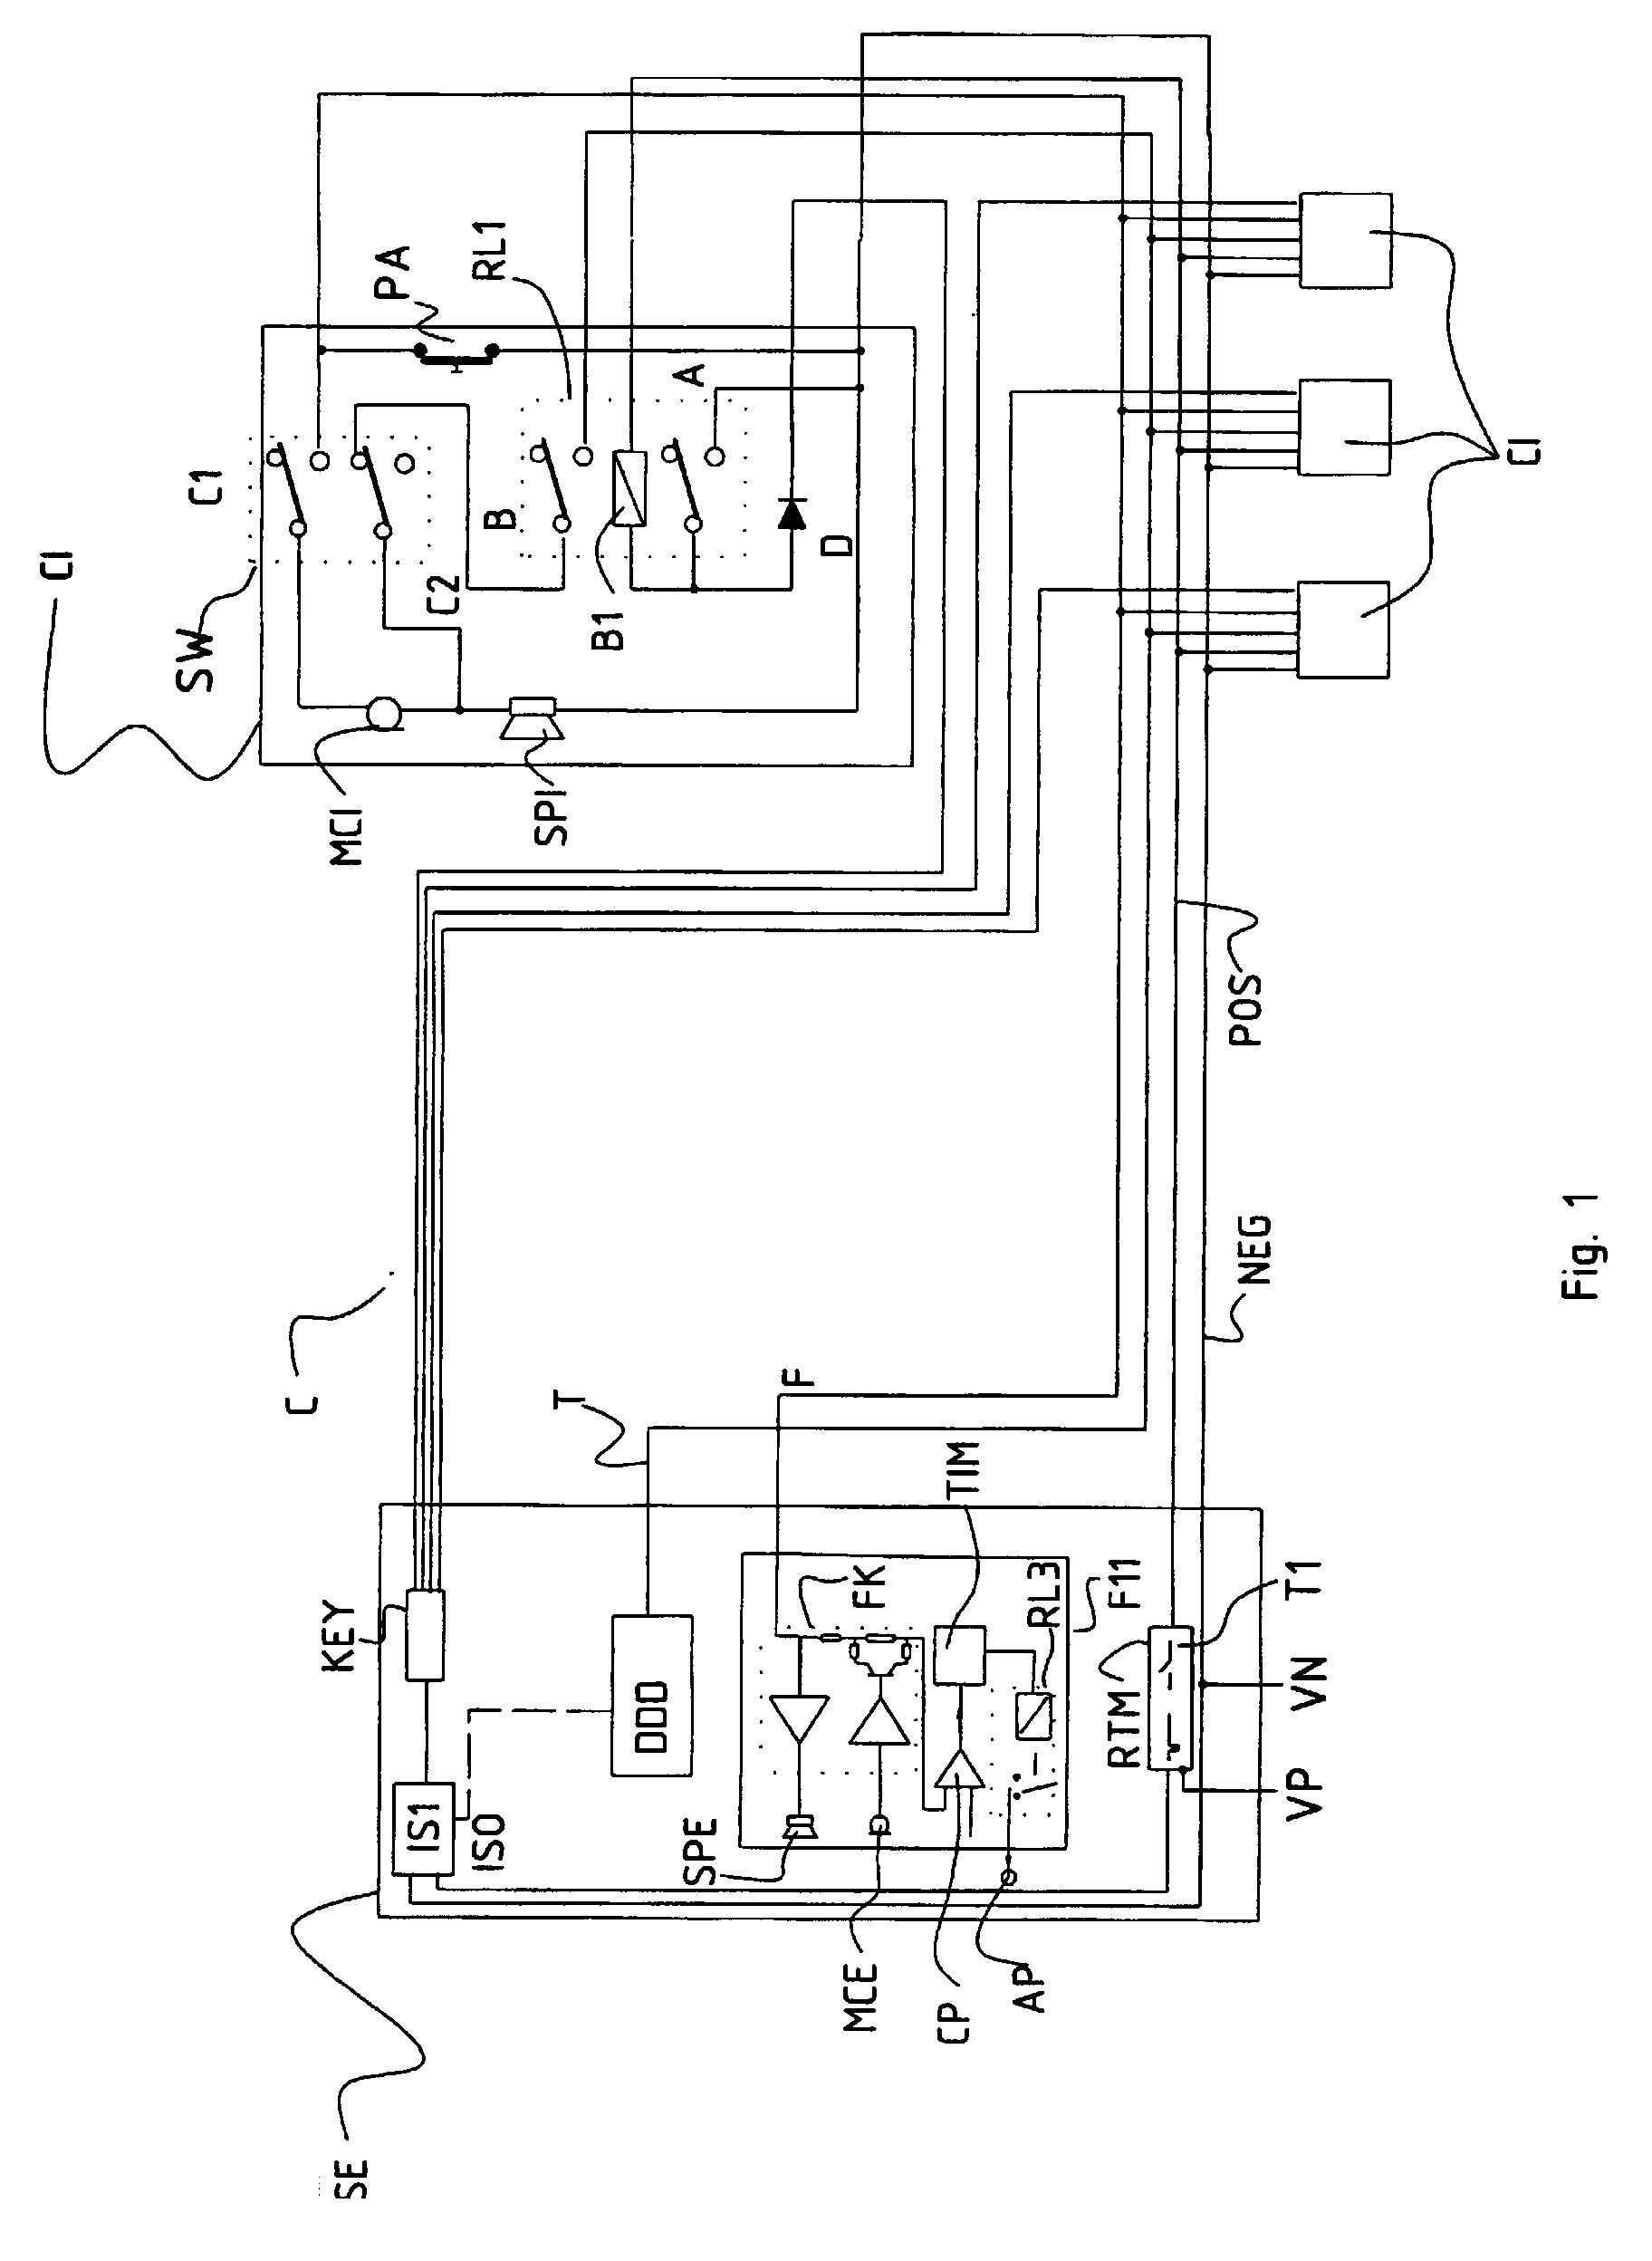 2007 yamaha g22e wiring diagram d09789d magnetek 6353 wiring diagram wiring resources  d09789d magnetek 6353 wiring diagram